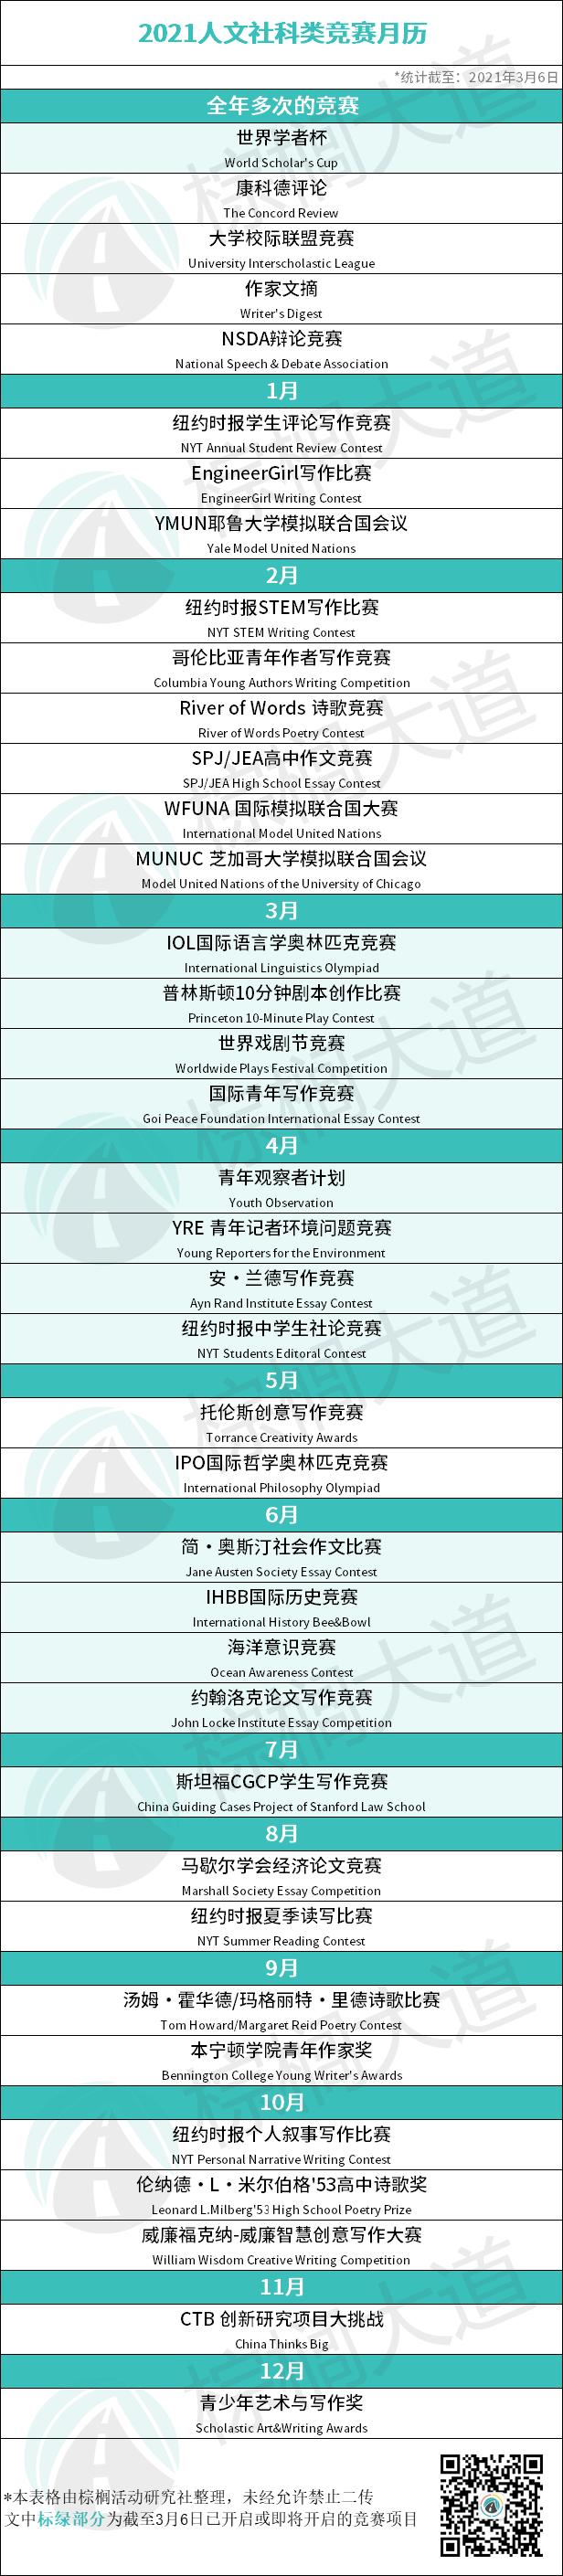 """2021人文社科竞赛清单!都是""""冲藤""""硬通货,文理都能参加!"""